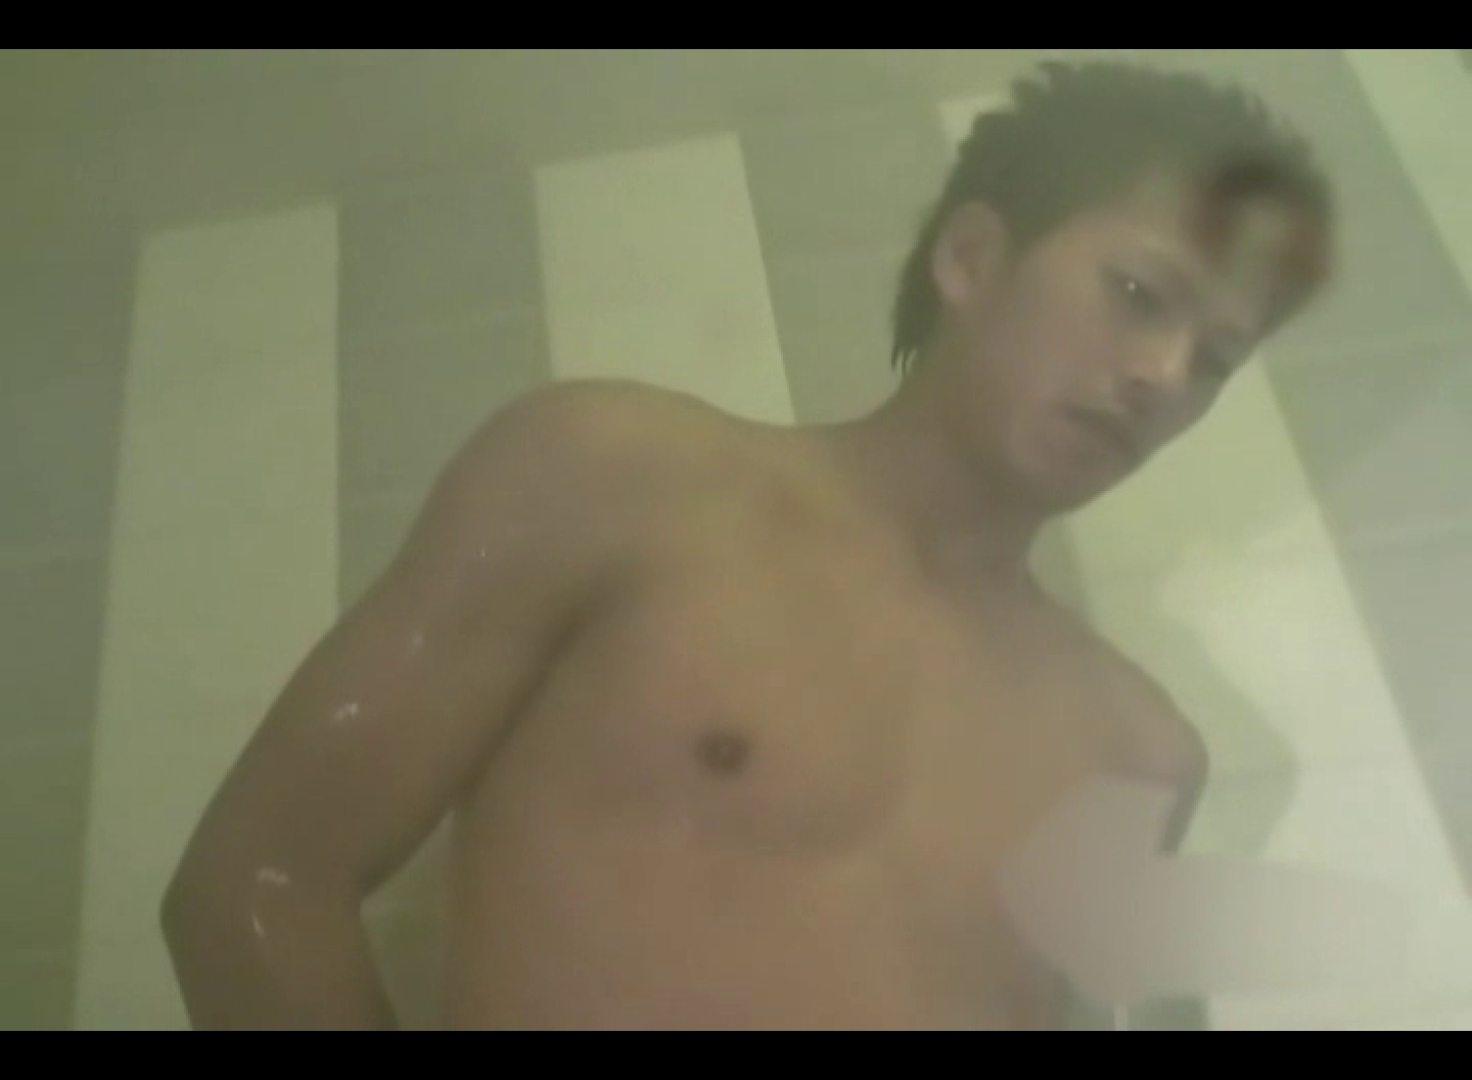 オラオラ系兄さんが超絶テクニックでイクっ!!前編 巨根系な男たち ゲイアダルトビデオ画像 86連発 11